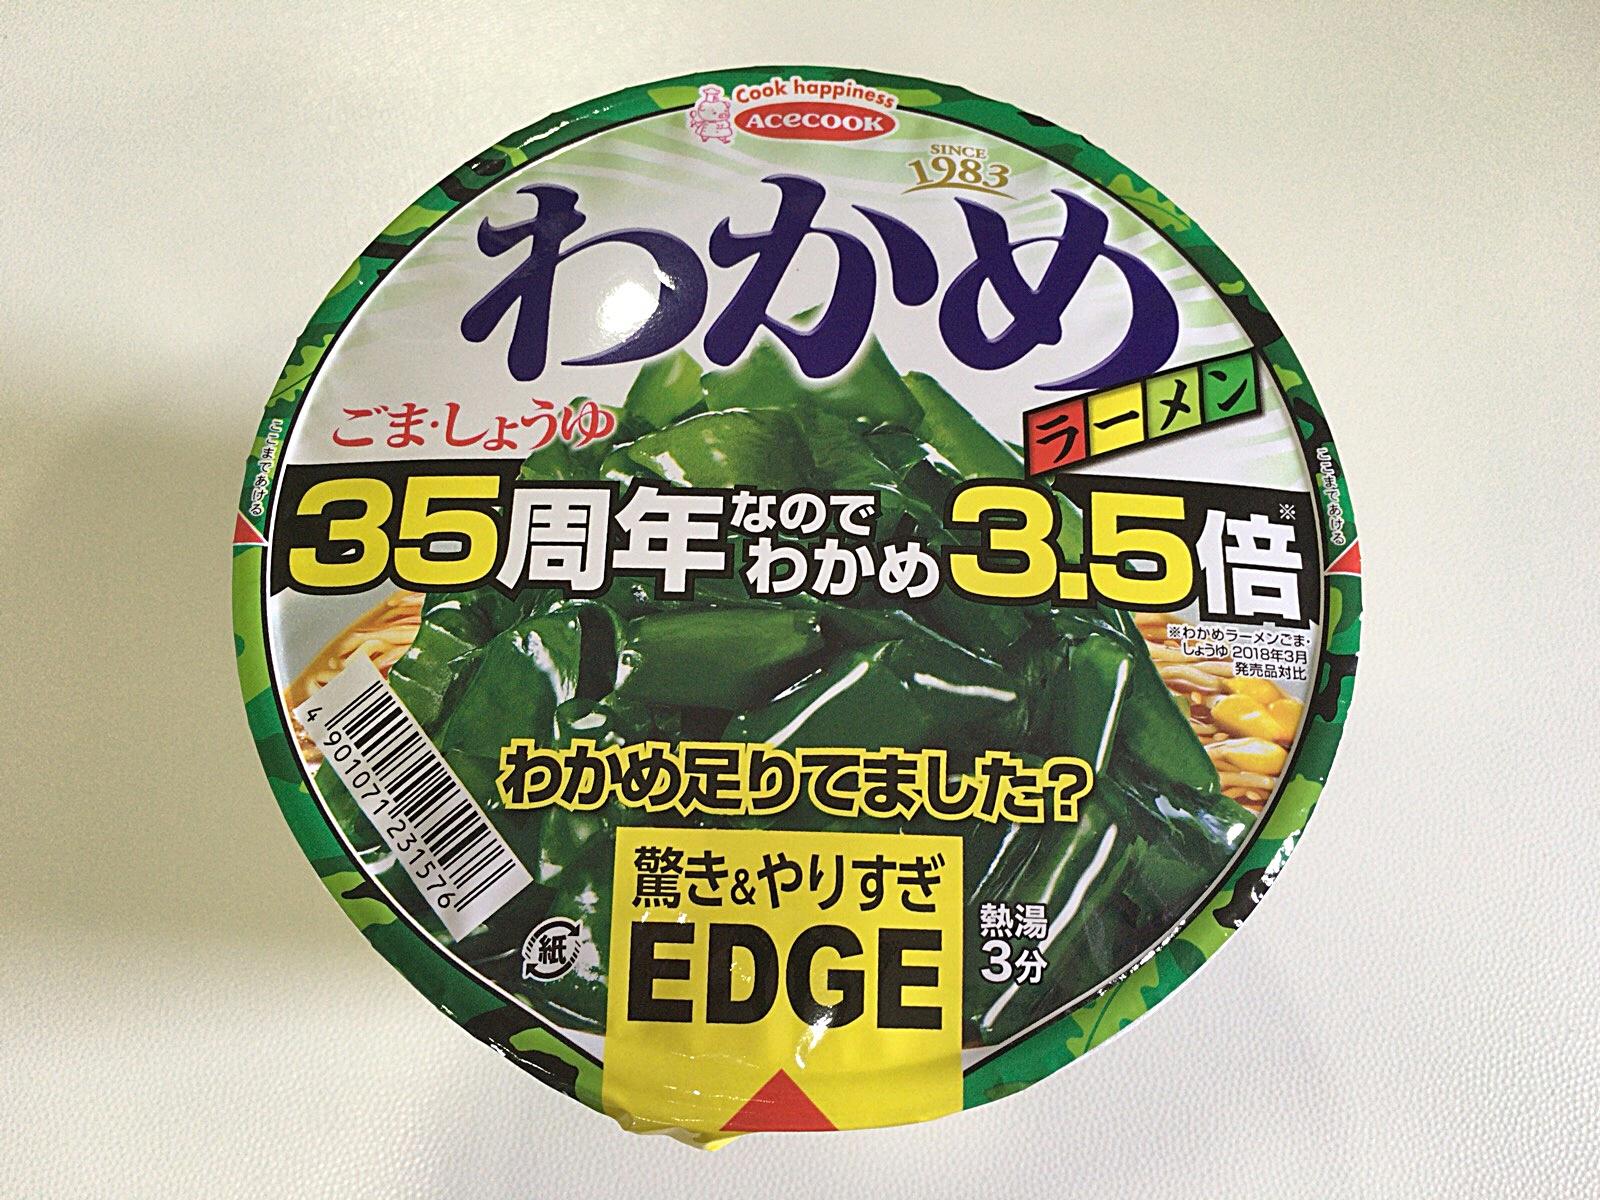 わかめラーメン35周年3.5倍パッケージ.JPG